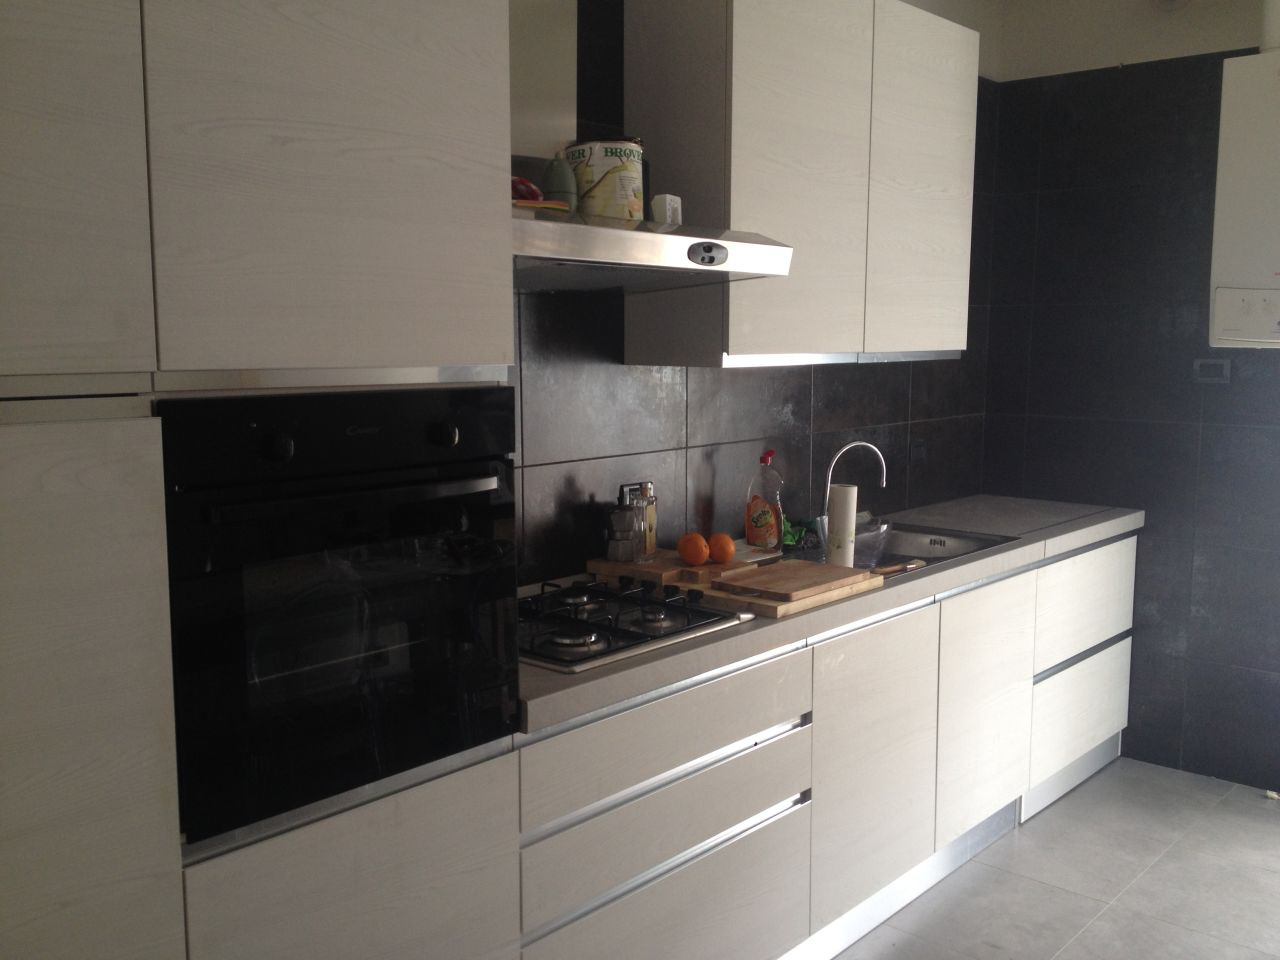 Cucina mobile lavatrice in legno geppetto falegname verona - Lavatrice cucina ...